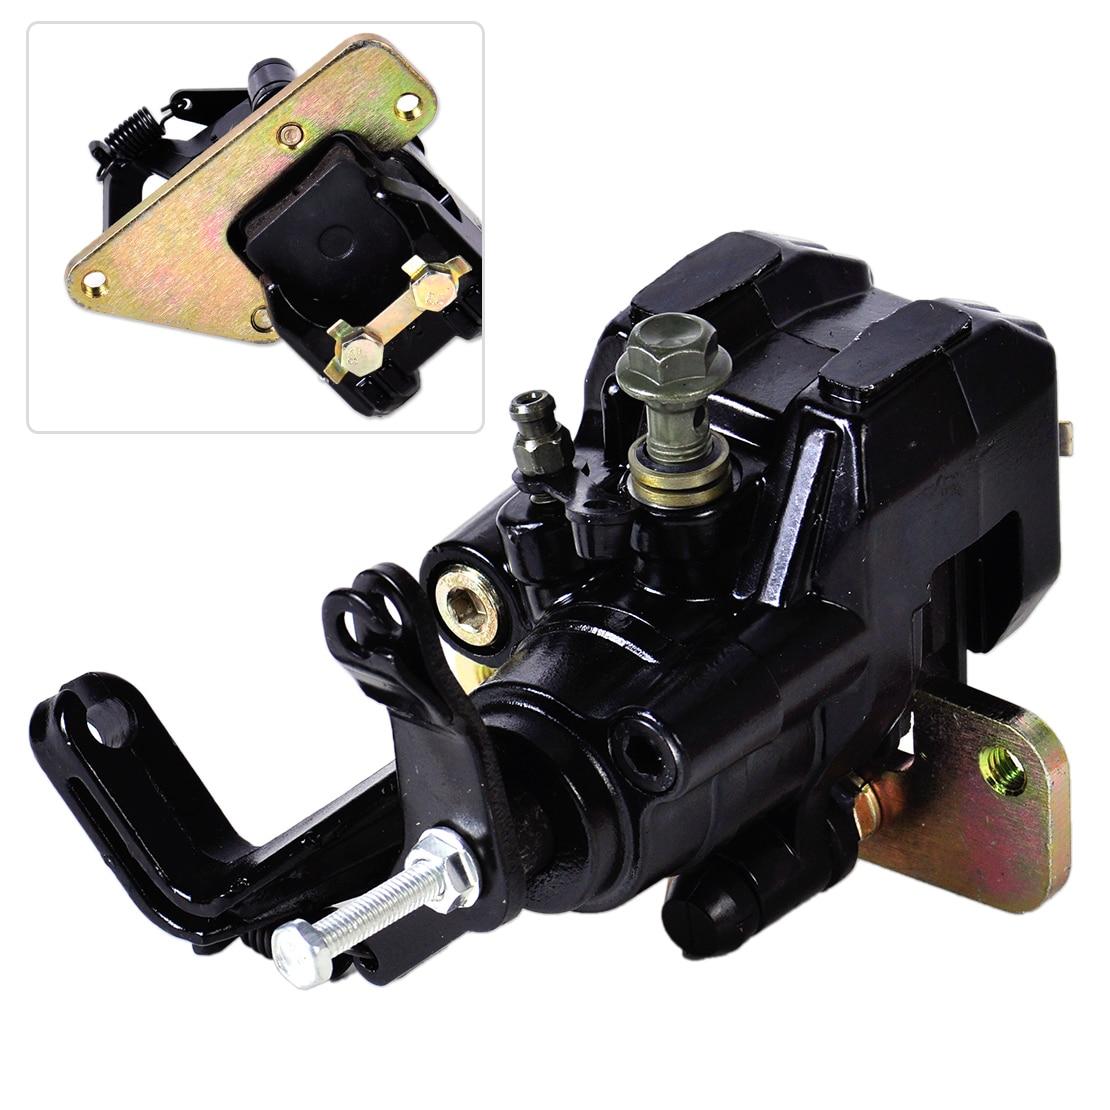 beler New 1pc Metal Rear Back Brake Caliper Fit for Suzuki Quad Sport Z400 2003 2004 2005-2009 Quadsport LT-Z400 2012 2013 2014 dwcx rear brake caliper replacement for suzuki vinson 500 lta500f lta500fb ltf500fc ltf500f ltf500fc